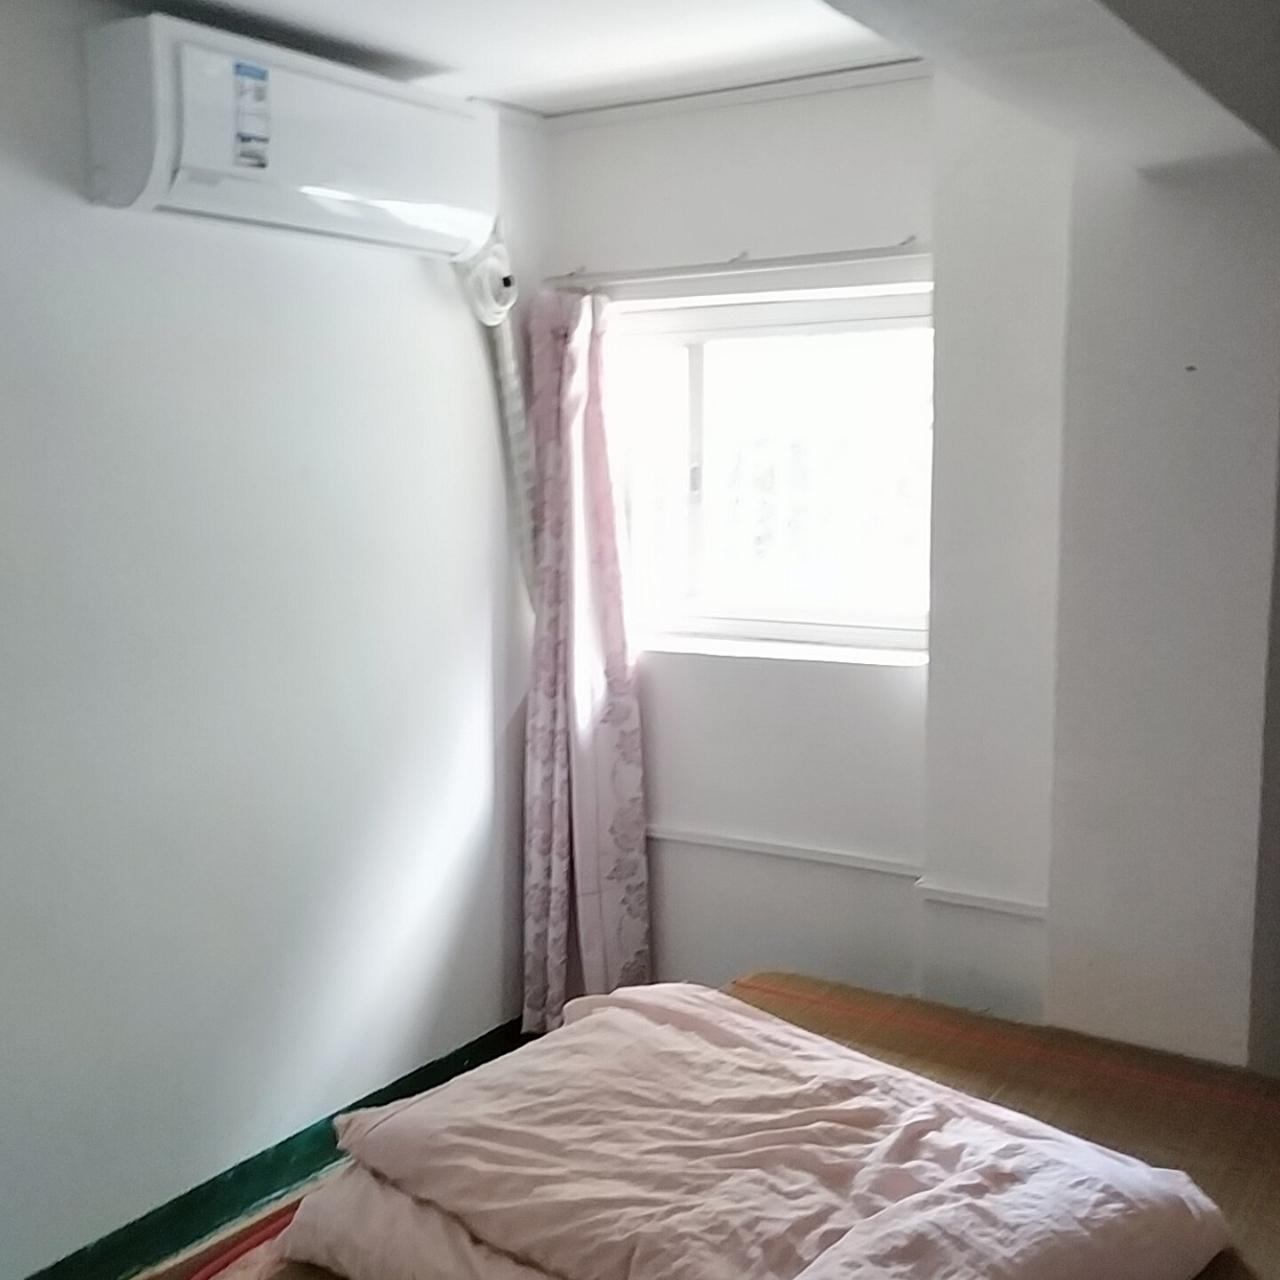 龙景嘉园小产权,有空调热水器1室 1厅18万元